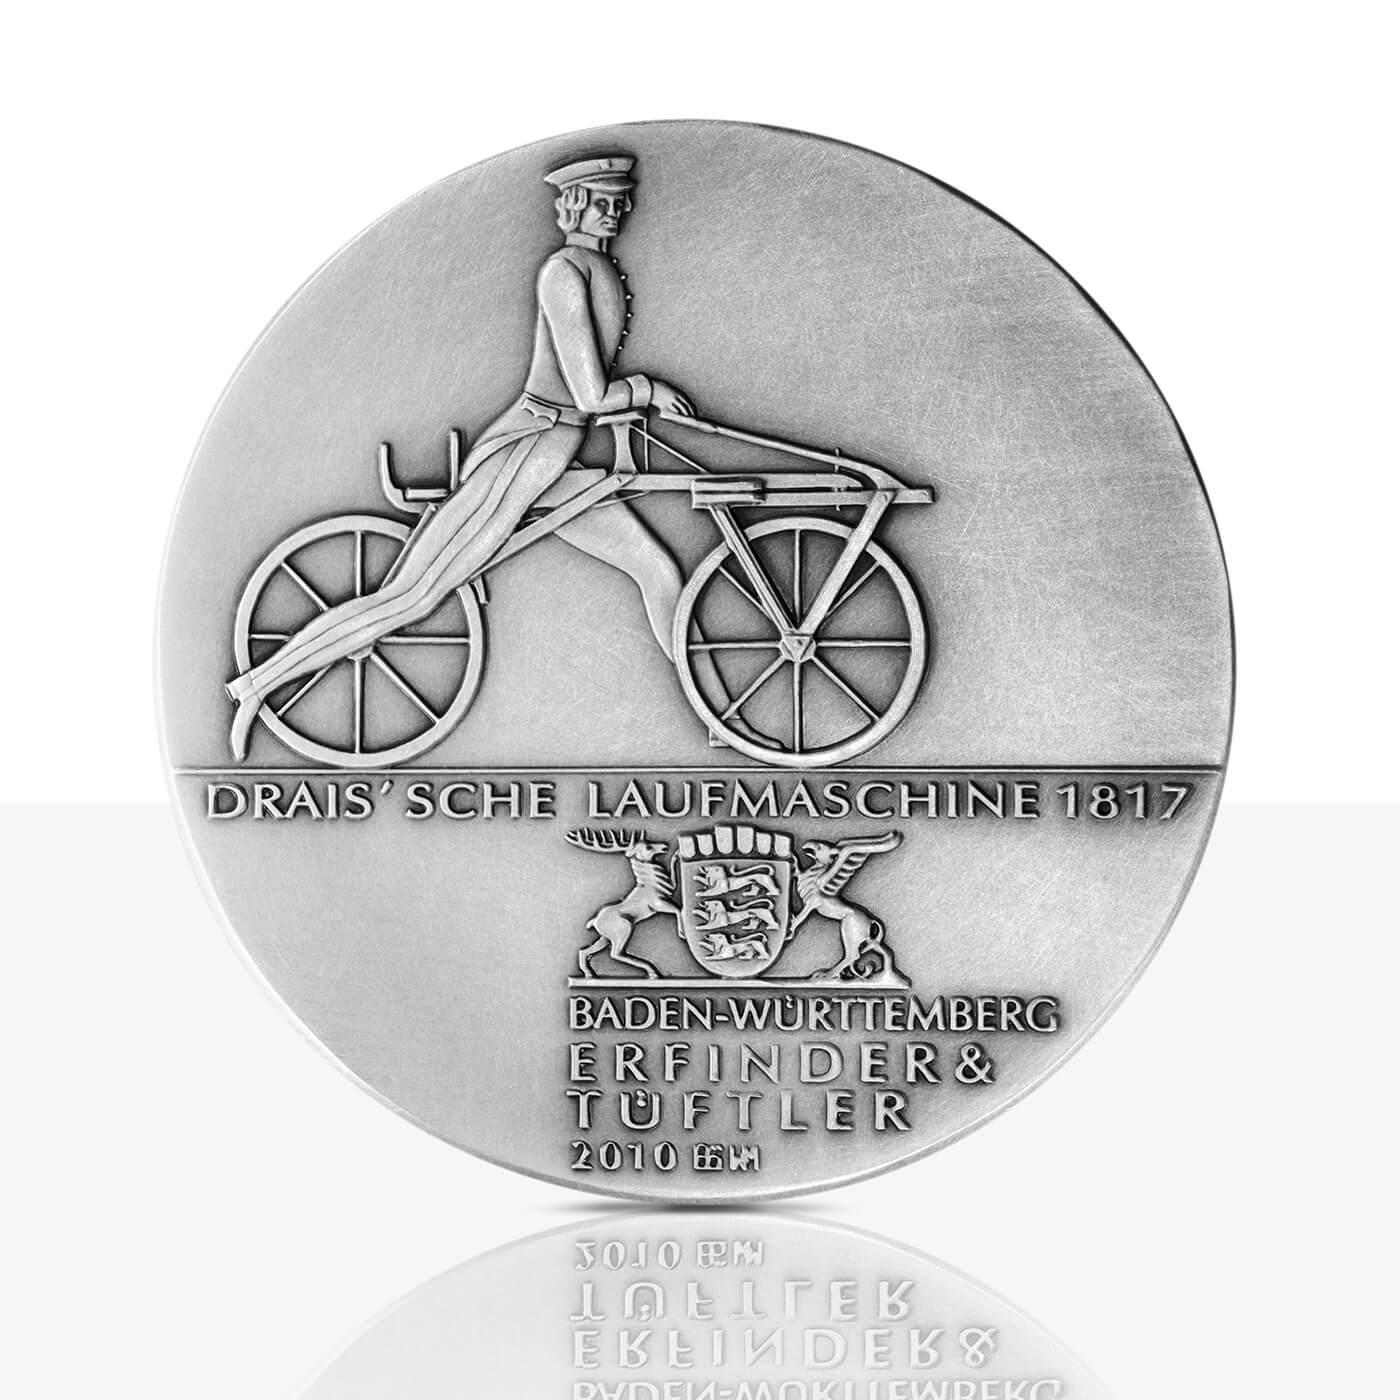 Karl Drais Hochrelief Medaille Feinsilber Staatliche Münzen